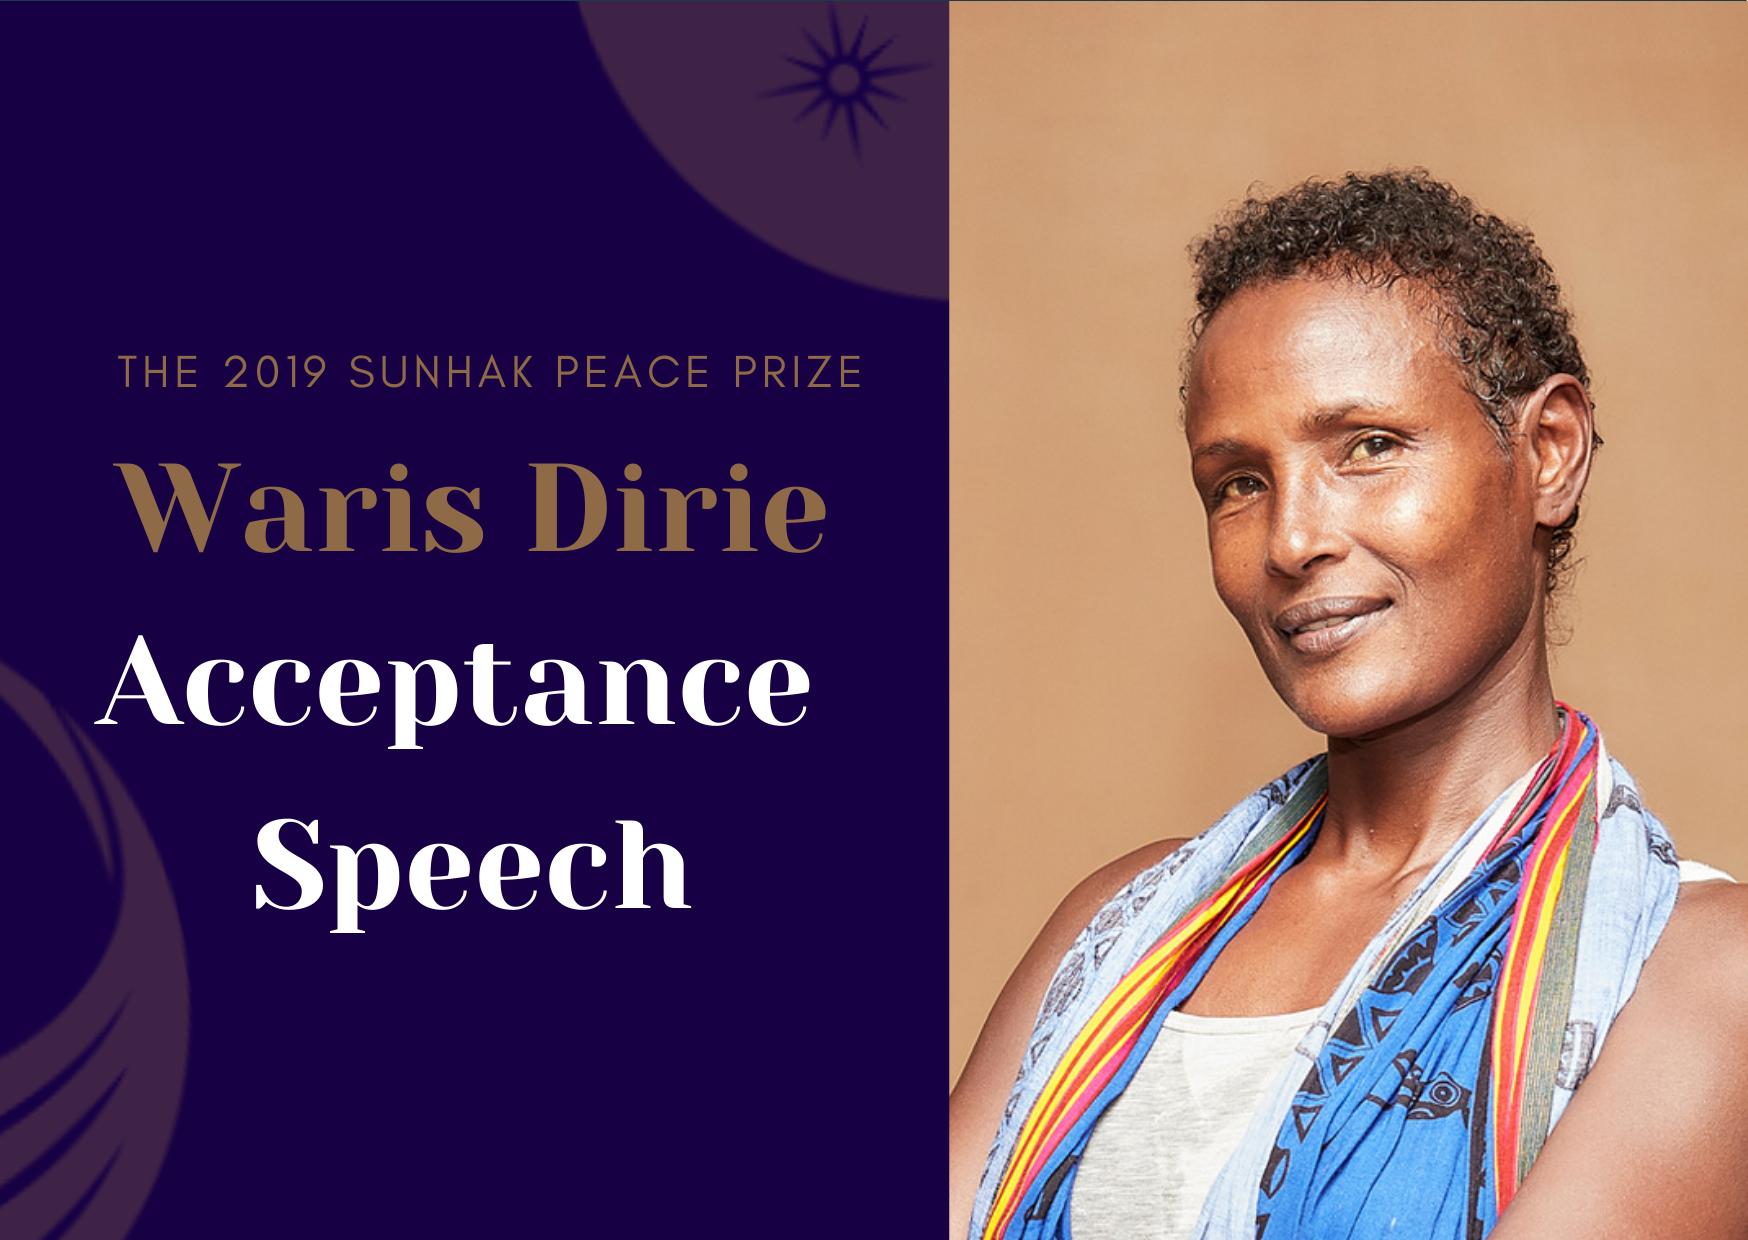 2019 Sunhak Peace Prize Laureate's Acceptance Speech - Ms. Waris Dirie 썸네일